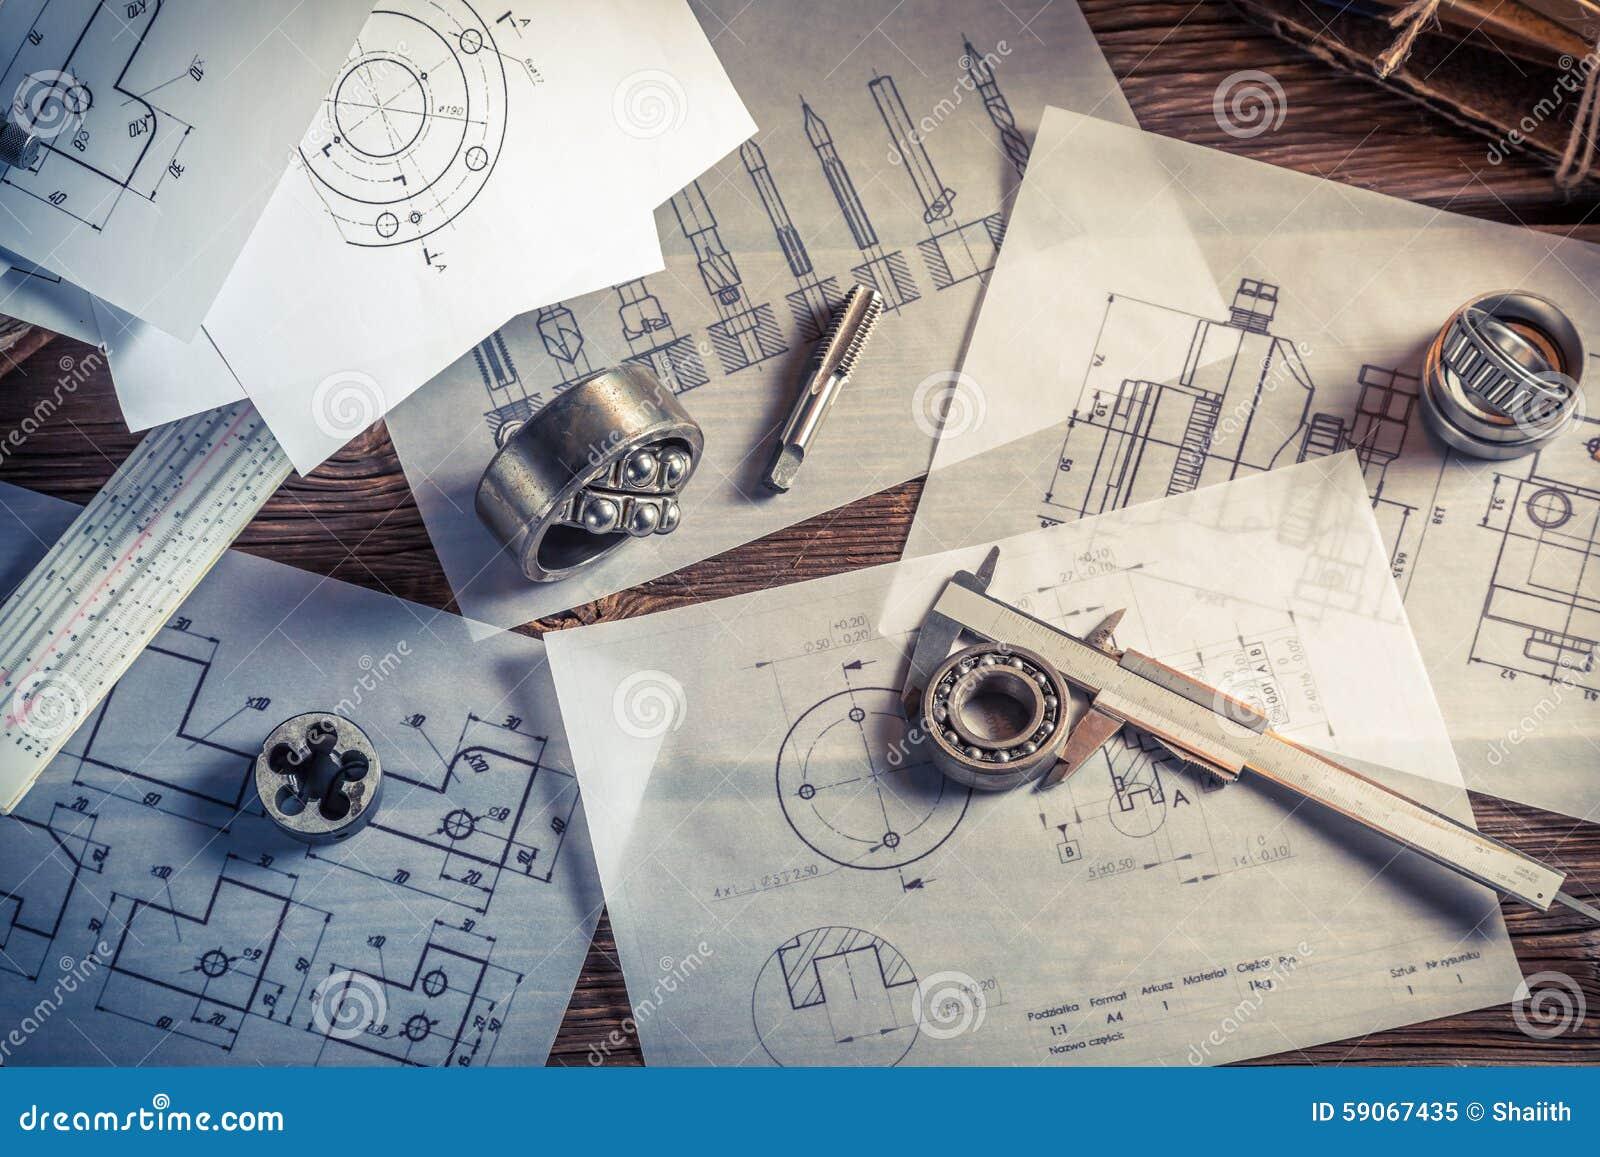 Σχεδιασμός των μηχανικών μερών από το μηχανικό